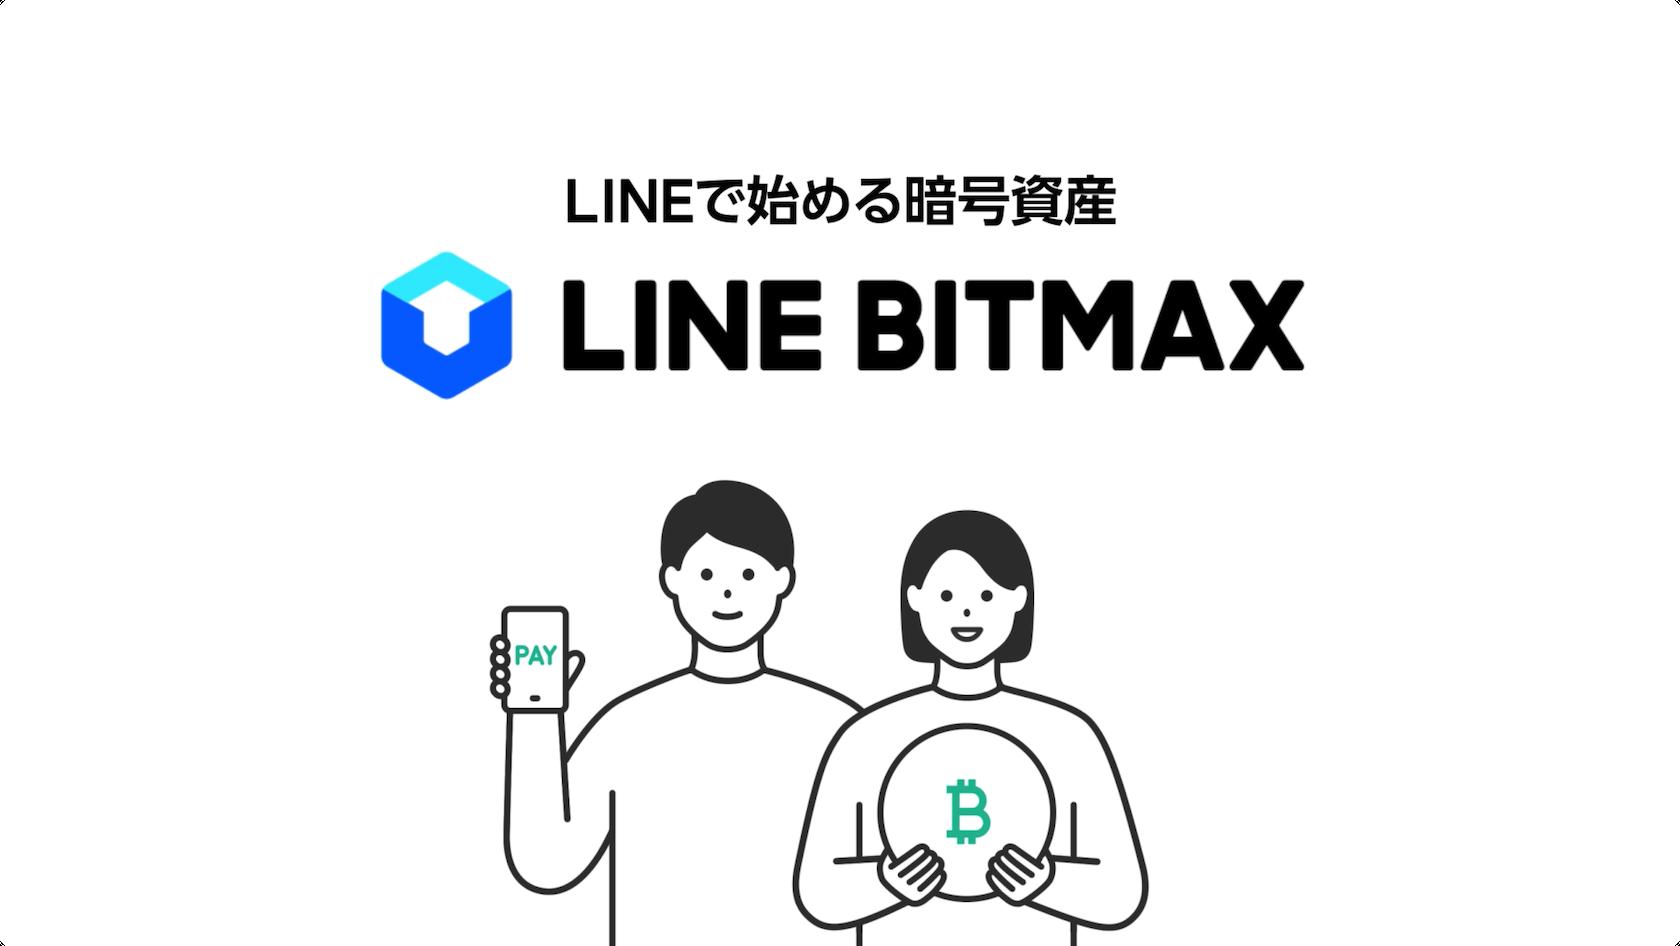 LINEで始める暗号資産 LINE BITMAX